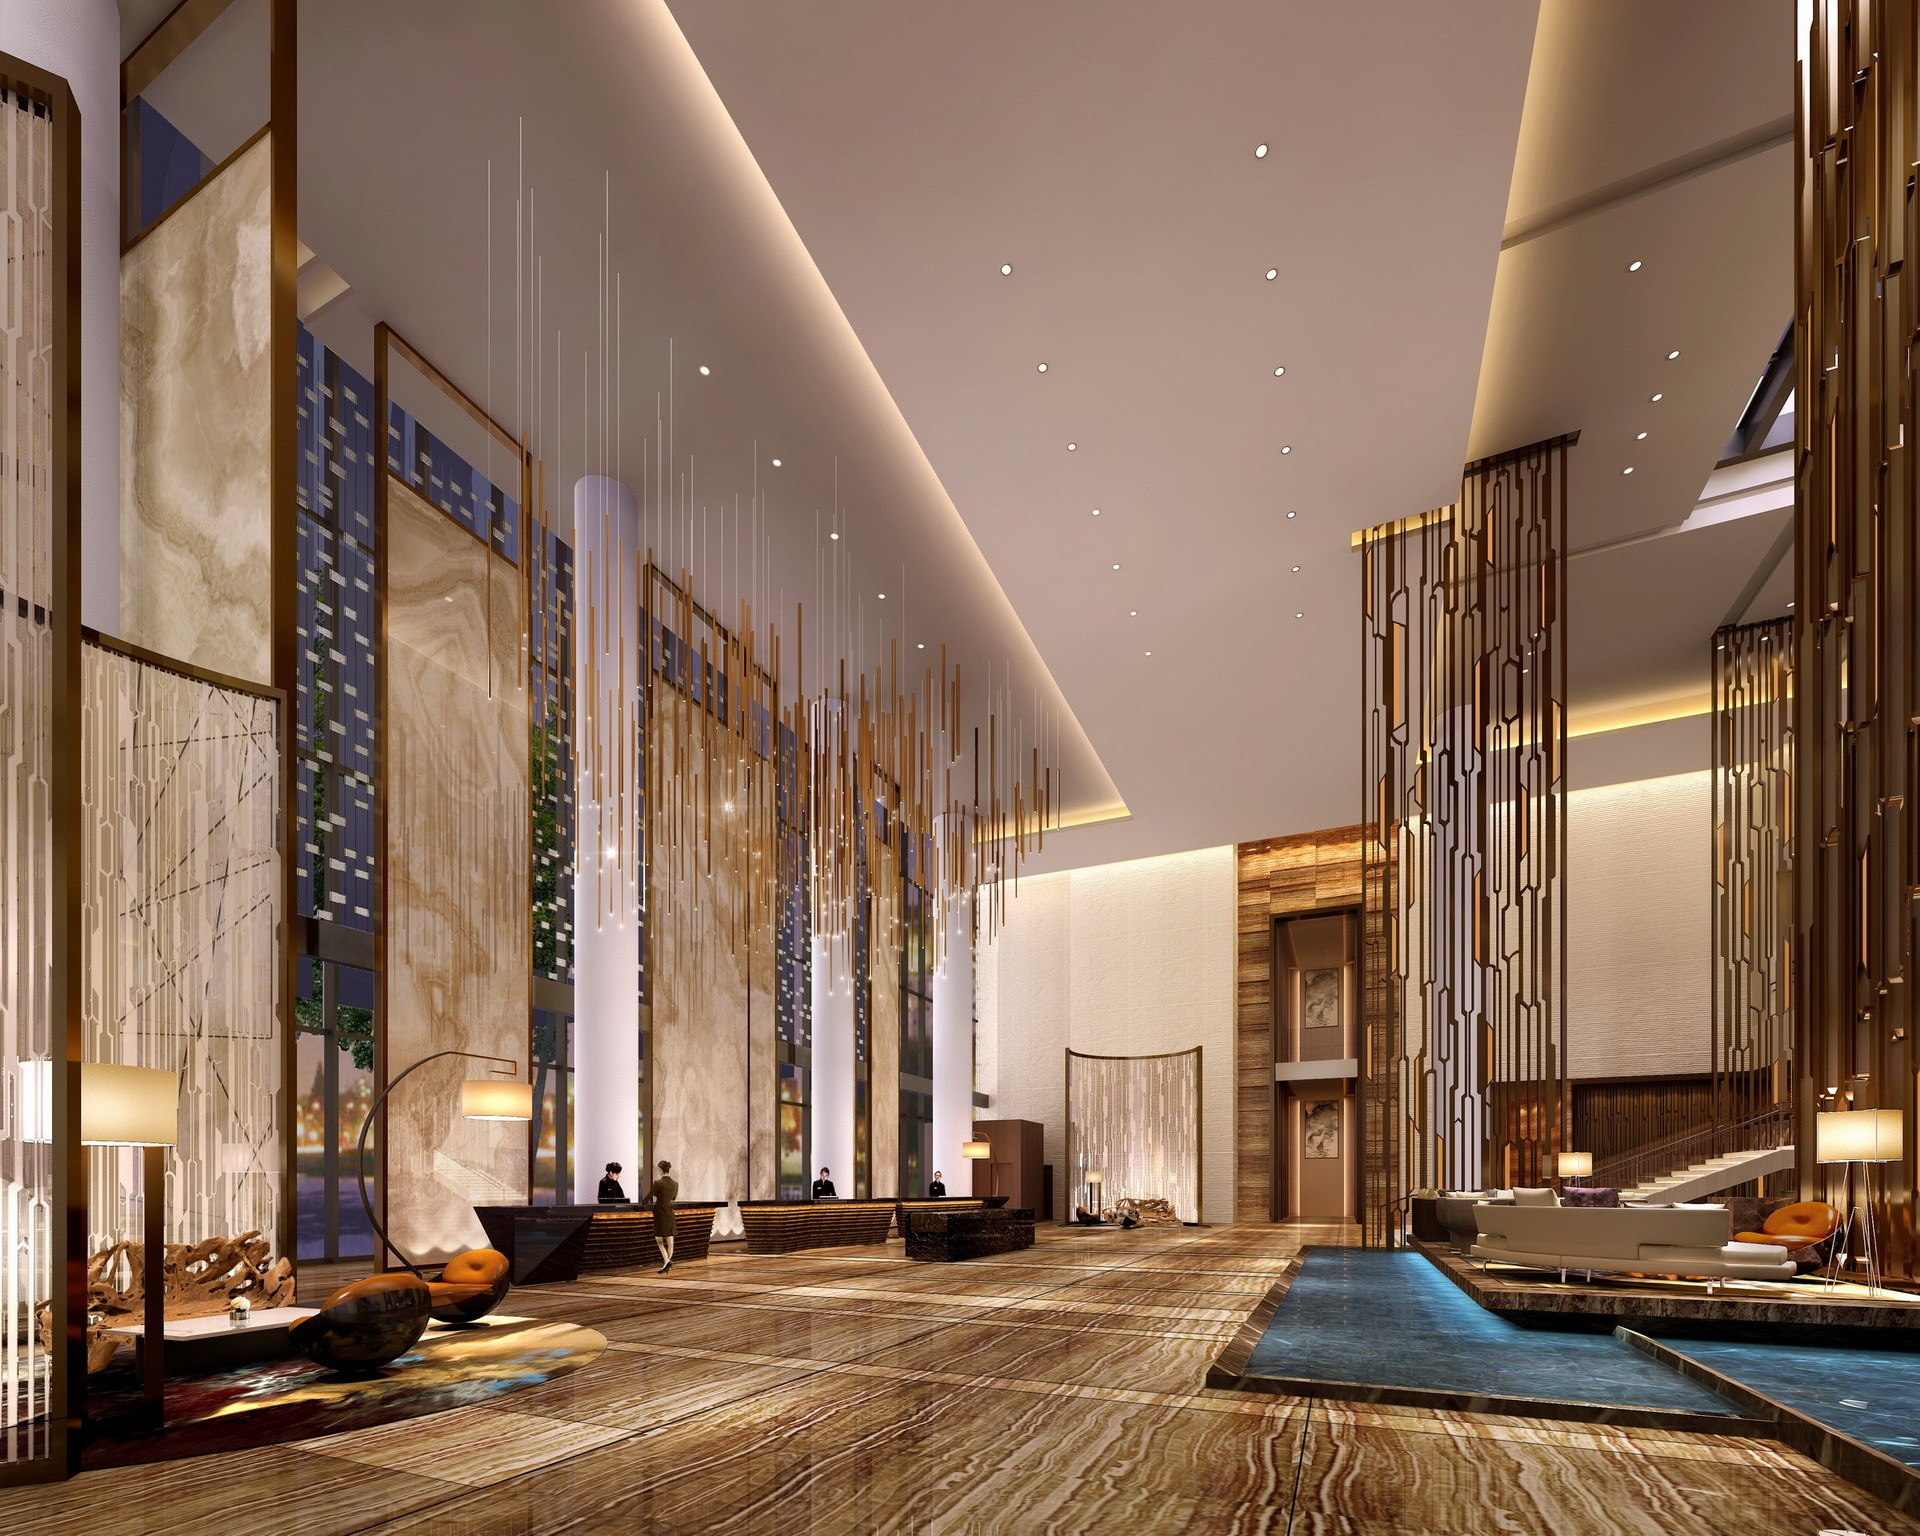 酒店设计|酒店方案设计说明|酒店装修设计(图1)